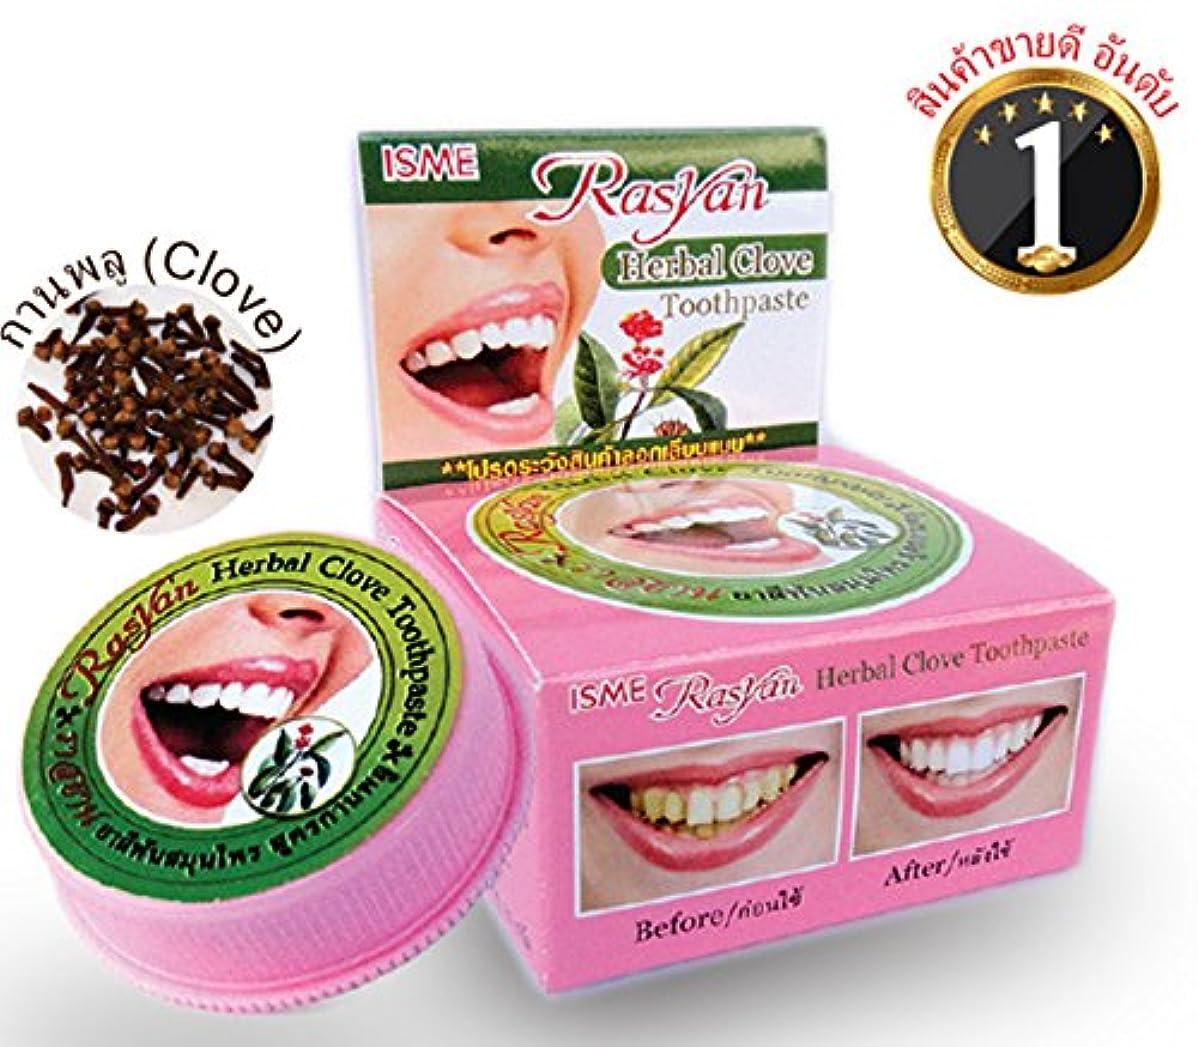 褒賞ロッド塩辛い練り歯磨き ハーブ Thai Herbal Rasyan Herbal Clove Toothpaste (5 Gram Size) 2 Pcs.